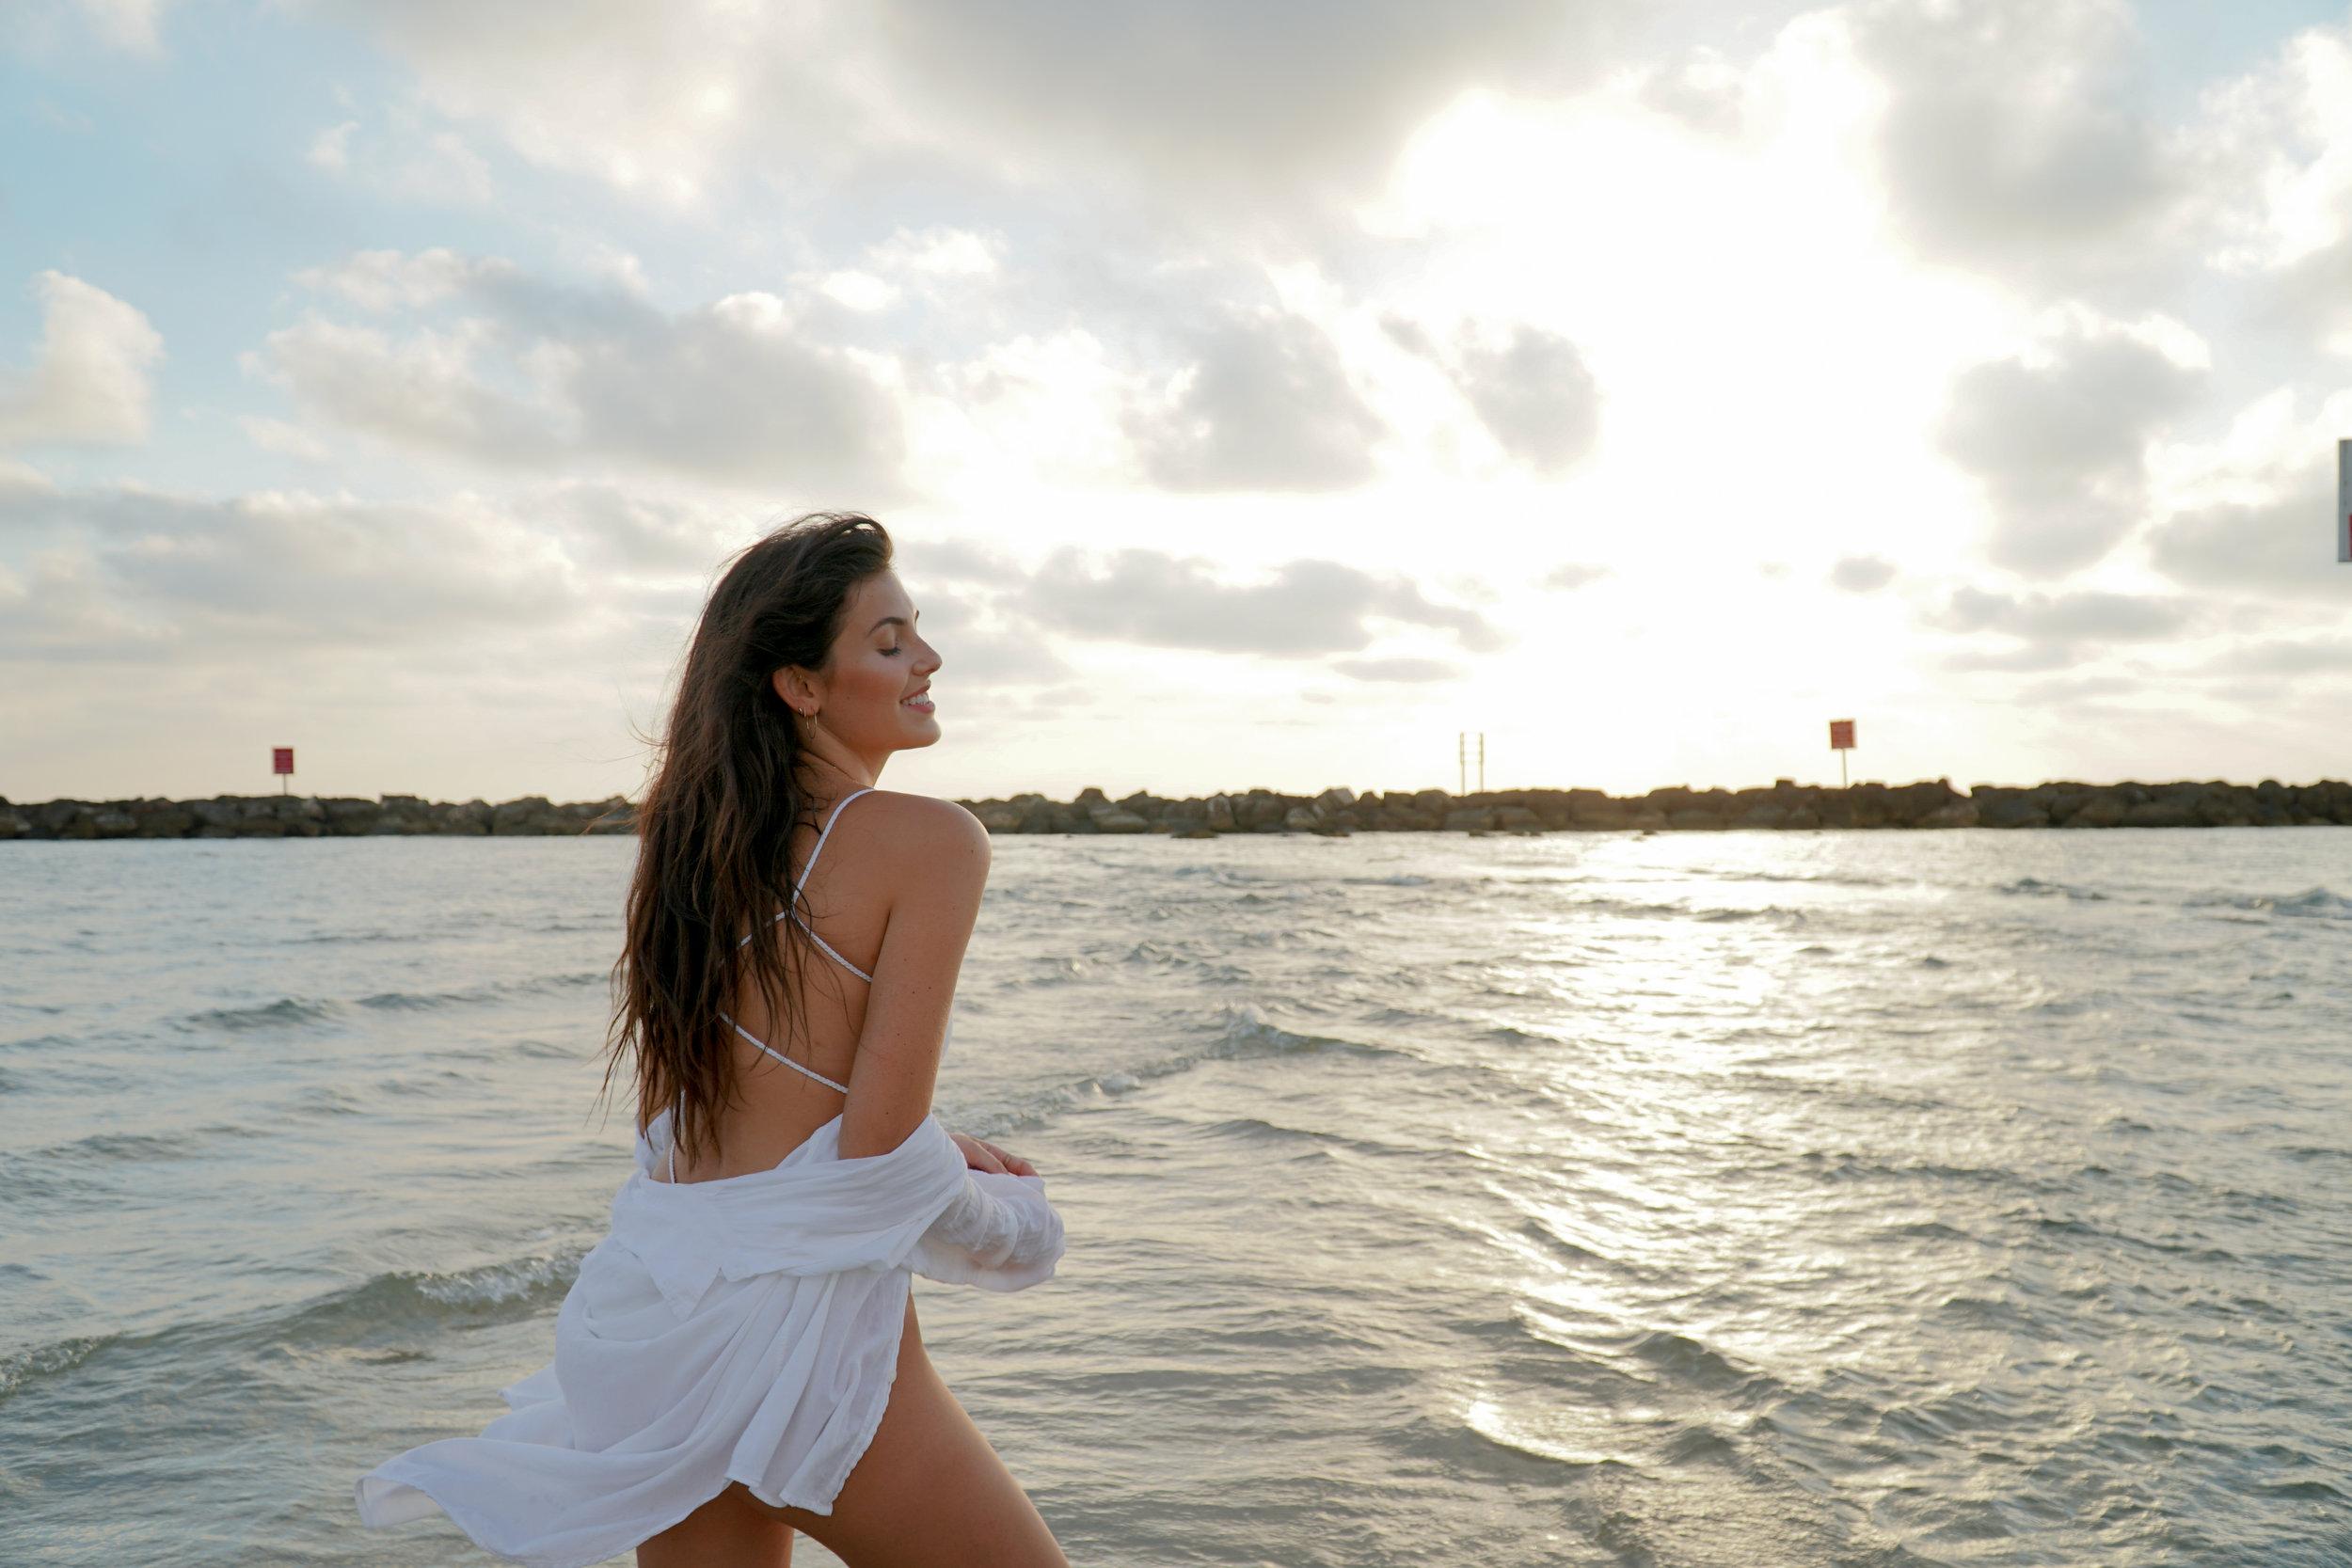 Julia Friedman wearing Vitamin A Swimwear in Tel Aviv Israel.